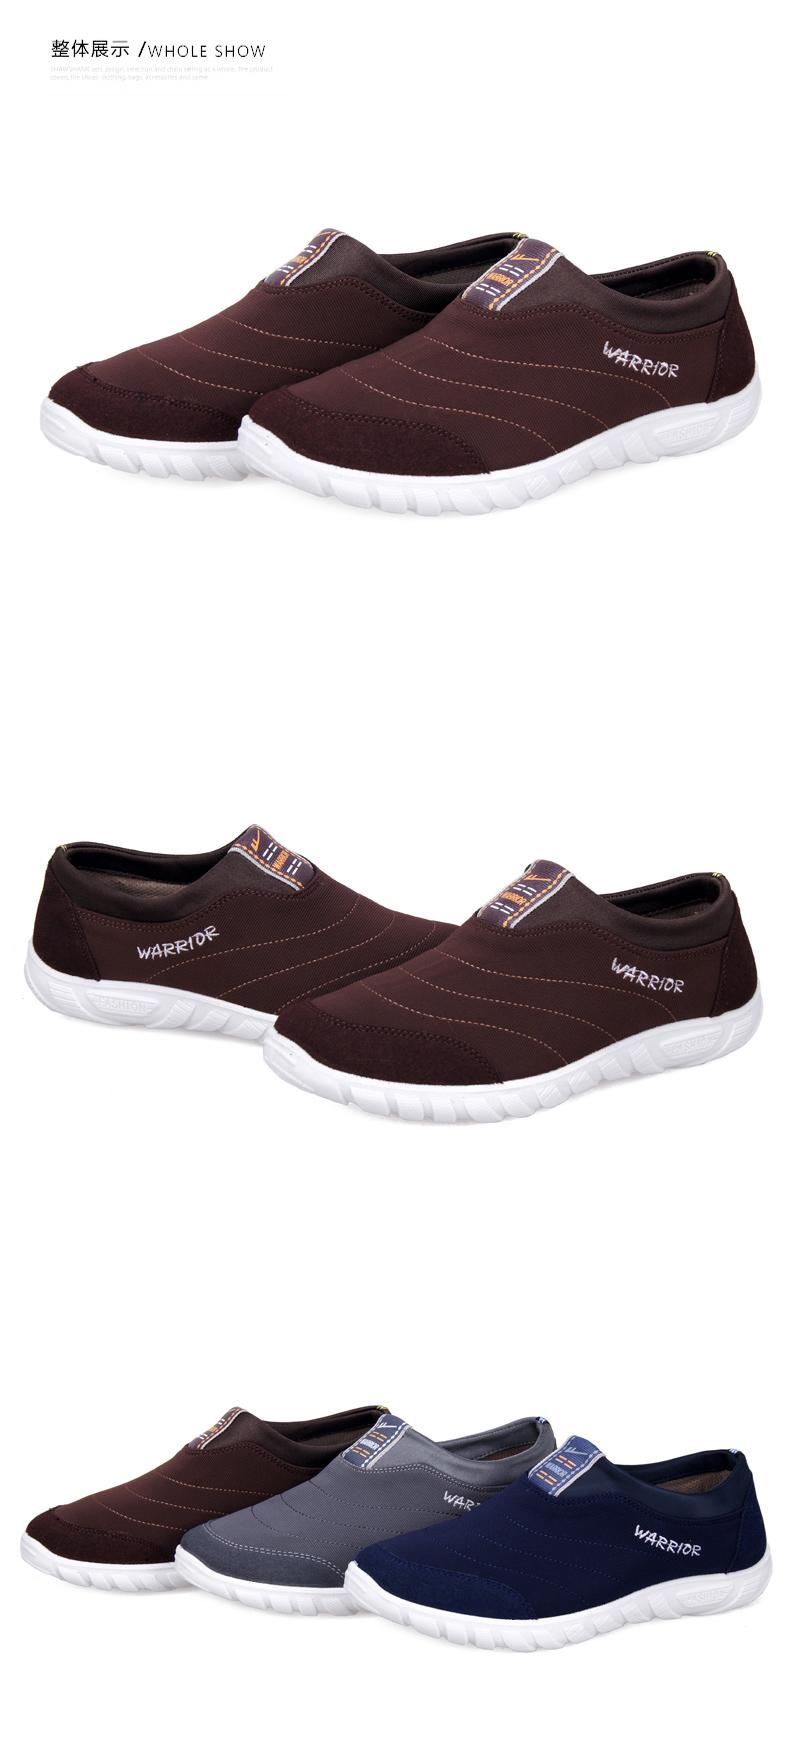 回力男鞋帆布鞋子一脚蹬懒人鞋男士潮流韩版布鞋透气鞋图片二十六